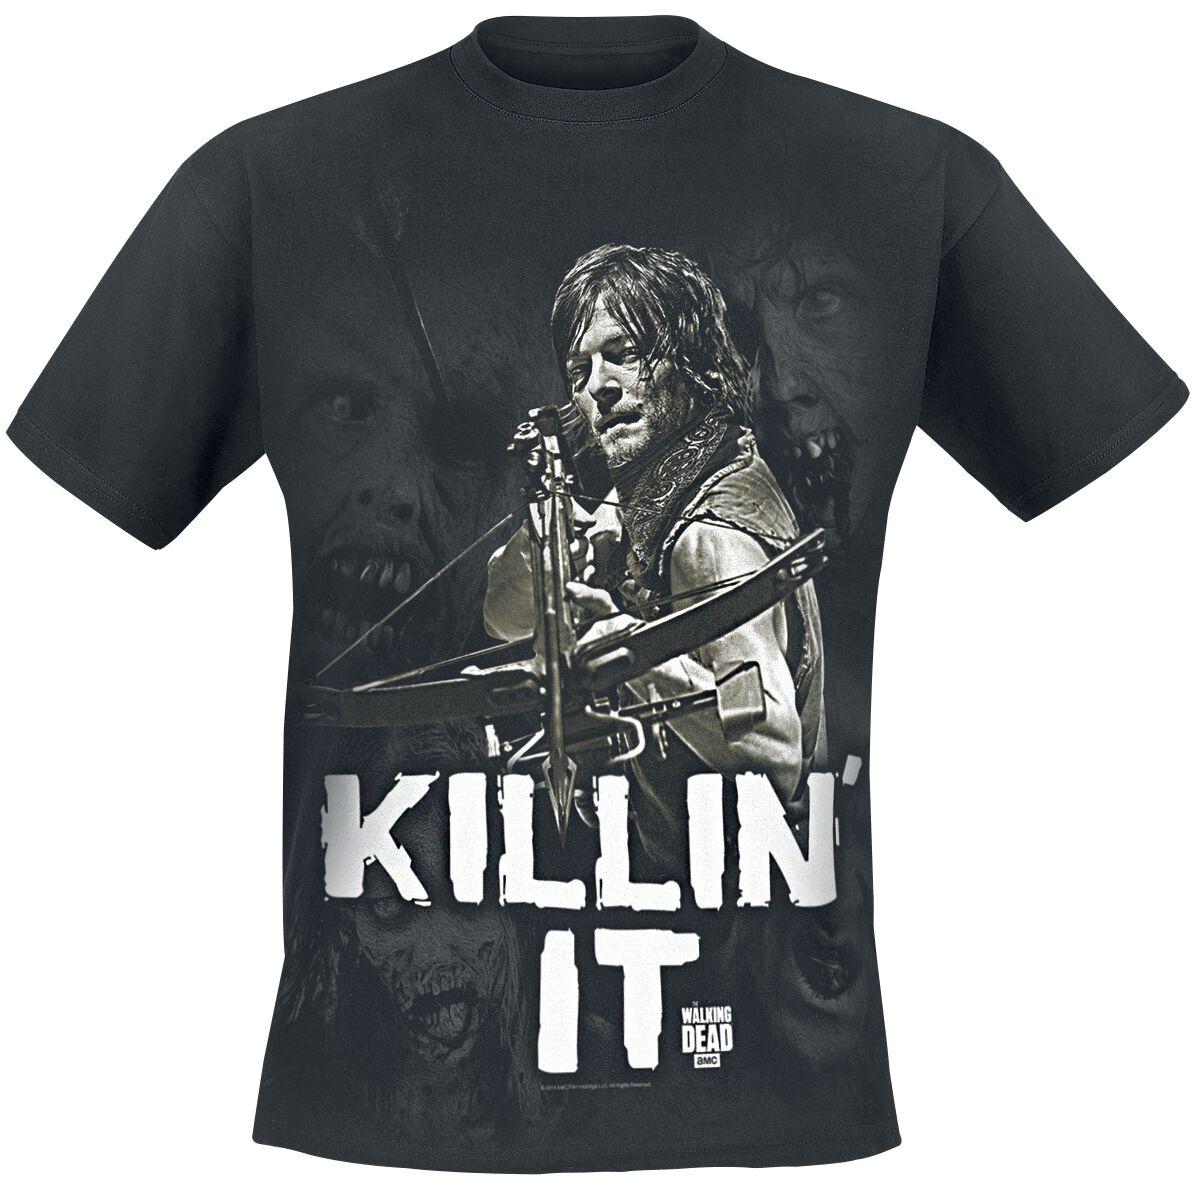 Image of   The Walking Dead Daryl Dixon - Killin' it T-Shirt sort